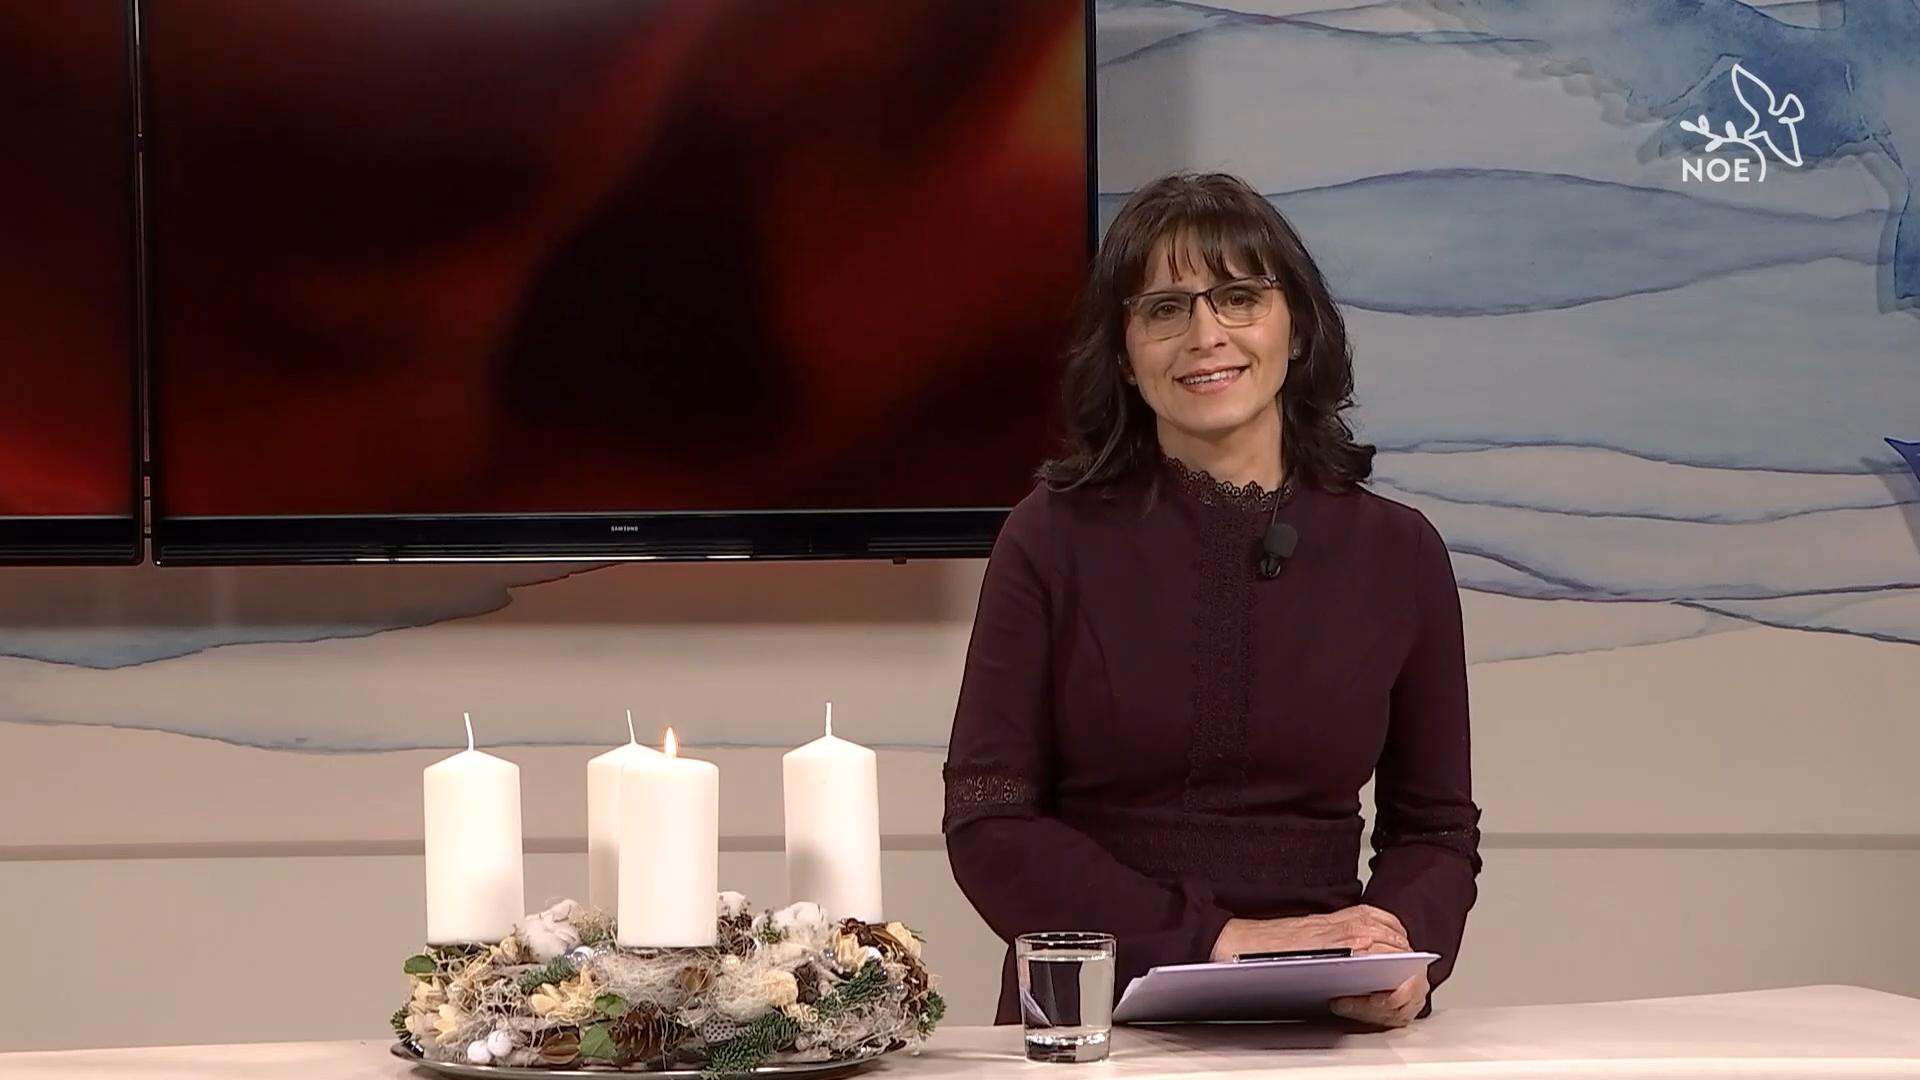 Gabriela Westová pro TV NOE